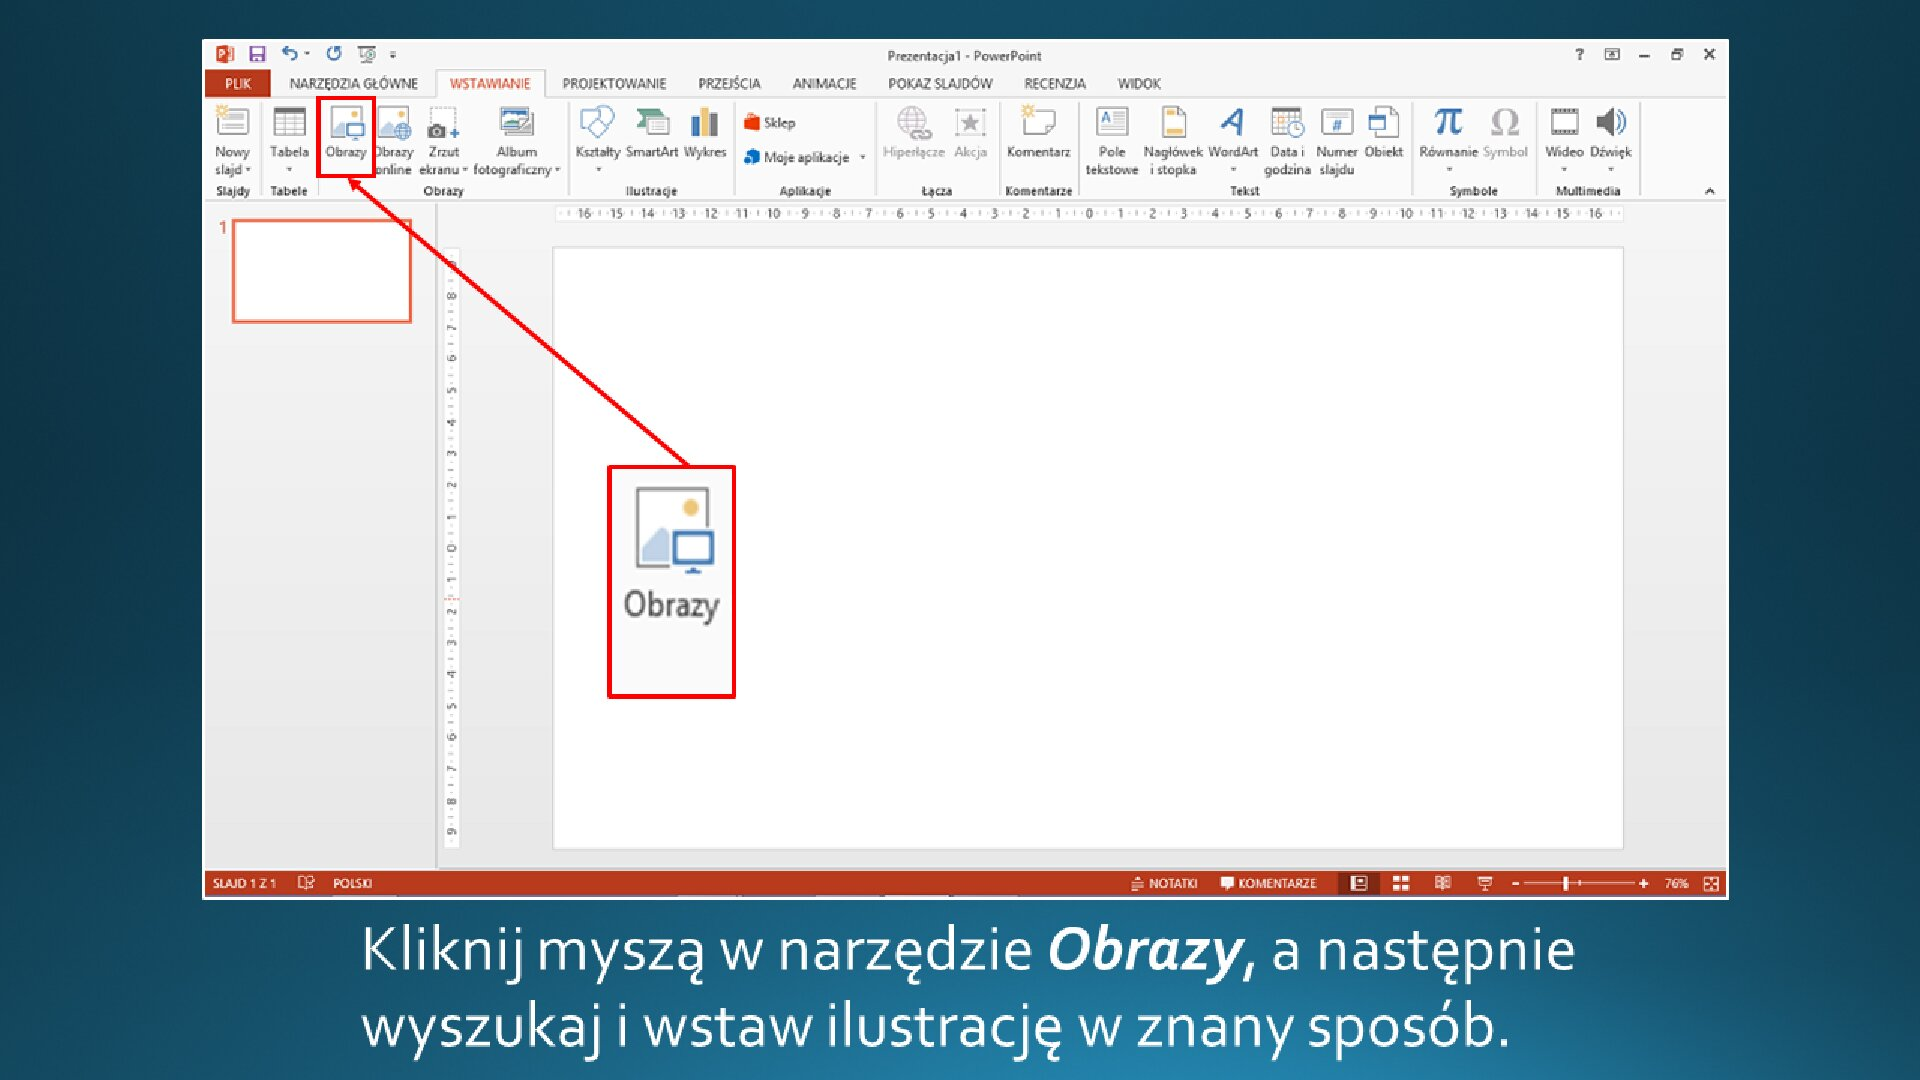 Slajd 2 galerii zrzutów slajdów: Wstawianie grafikii na slajd opustym układzie wprogramie MS PowerPoint